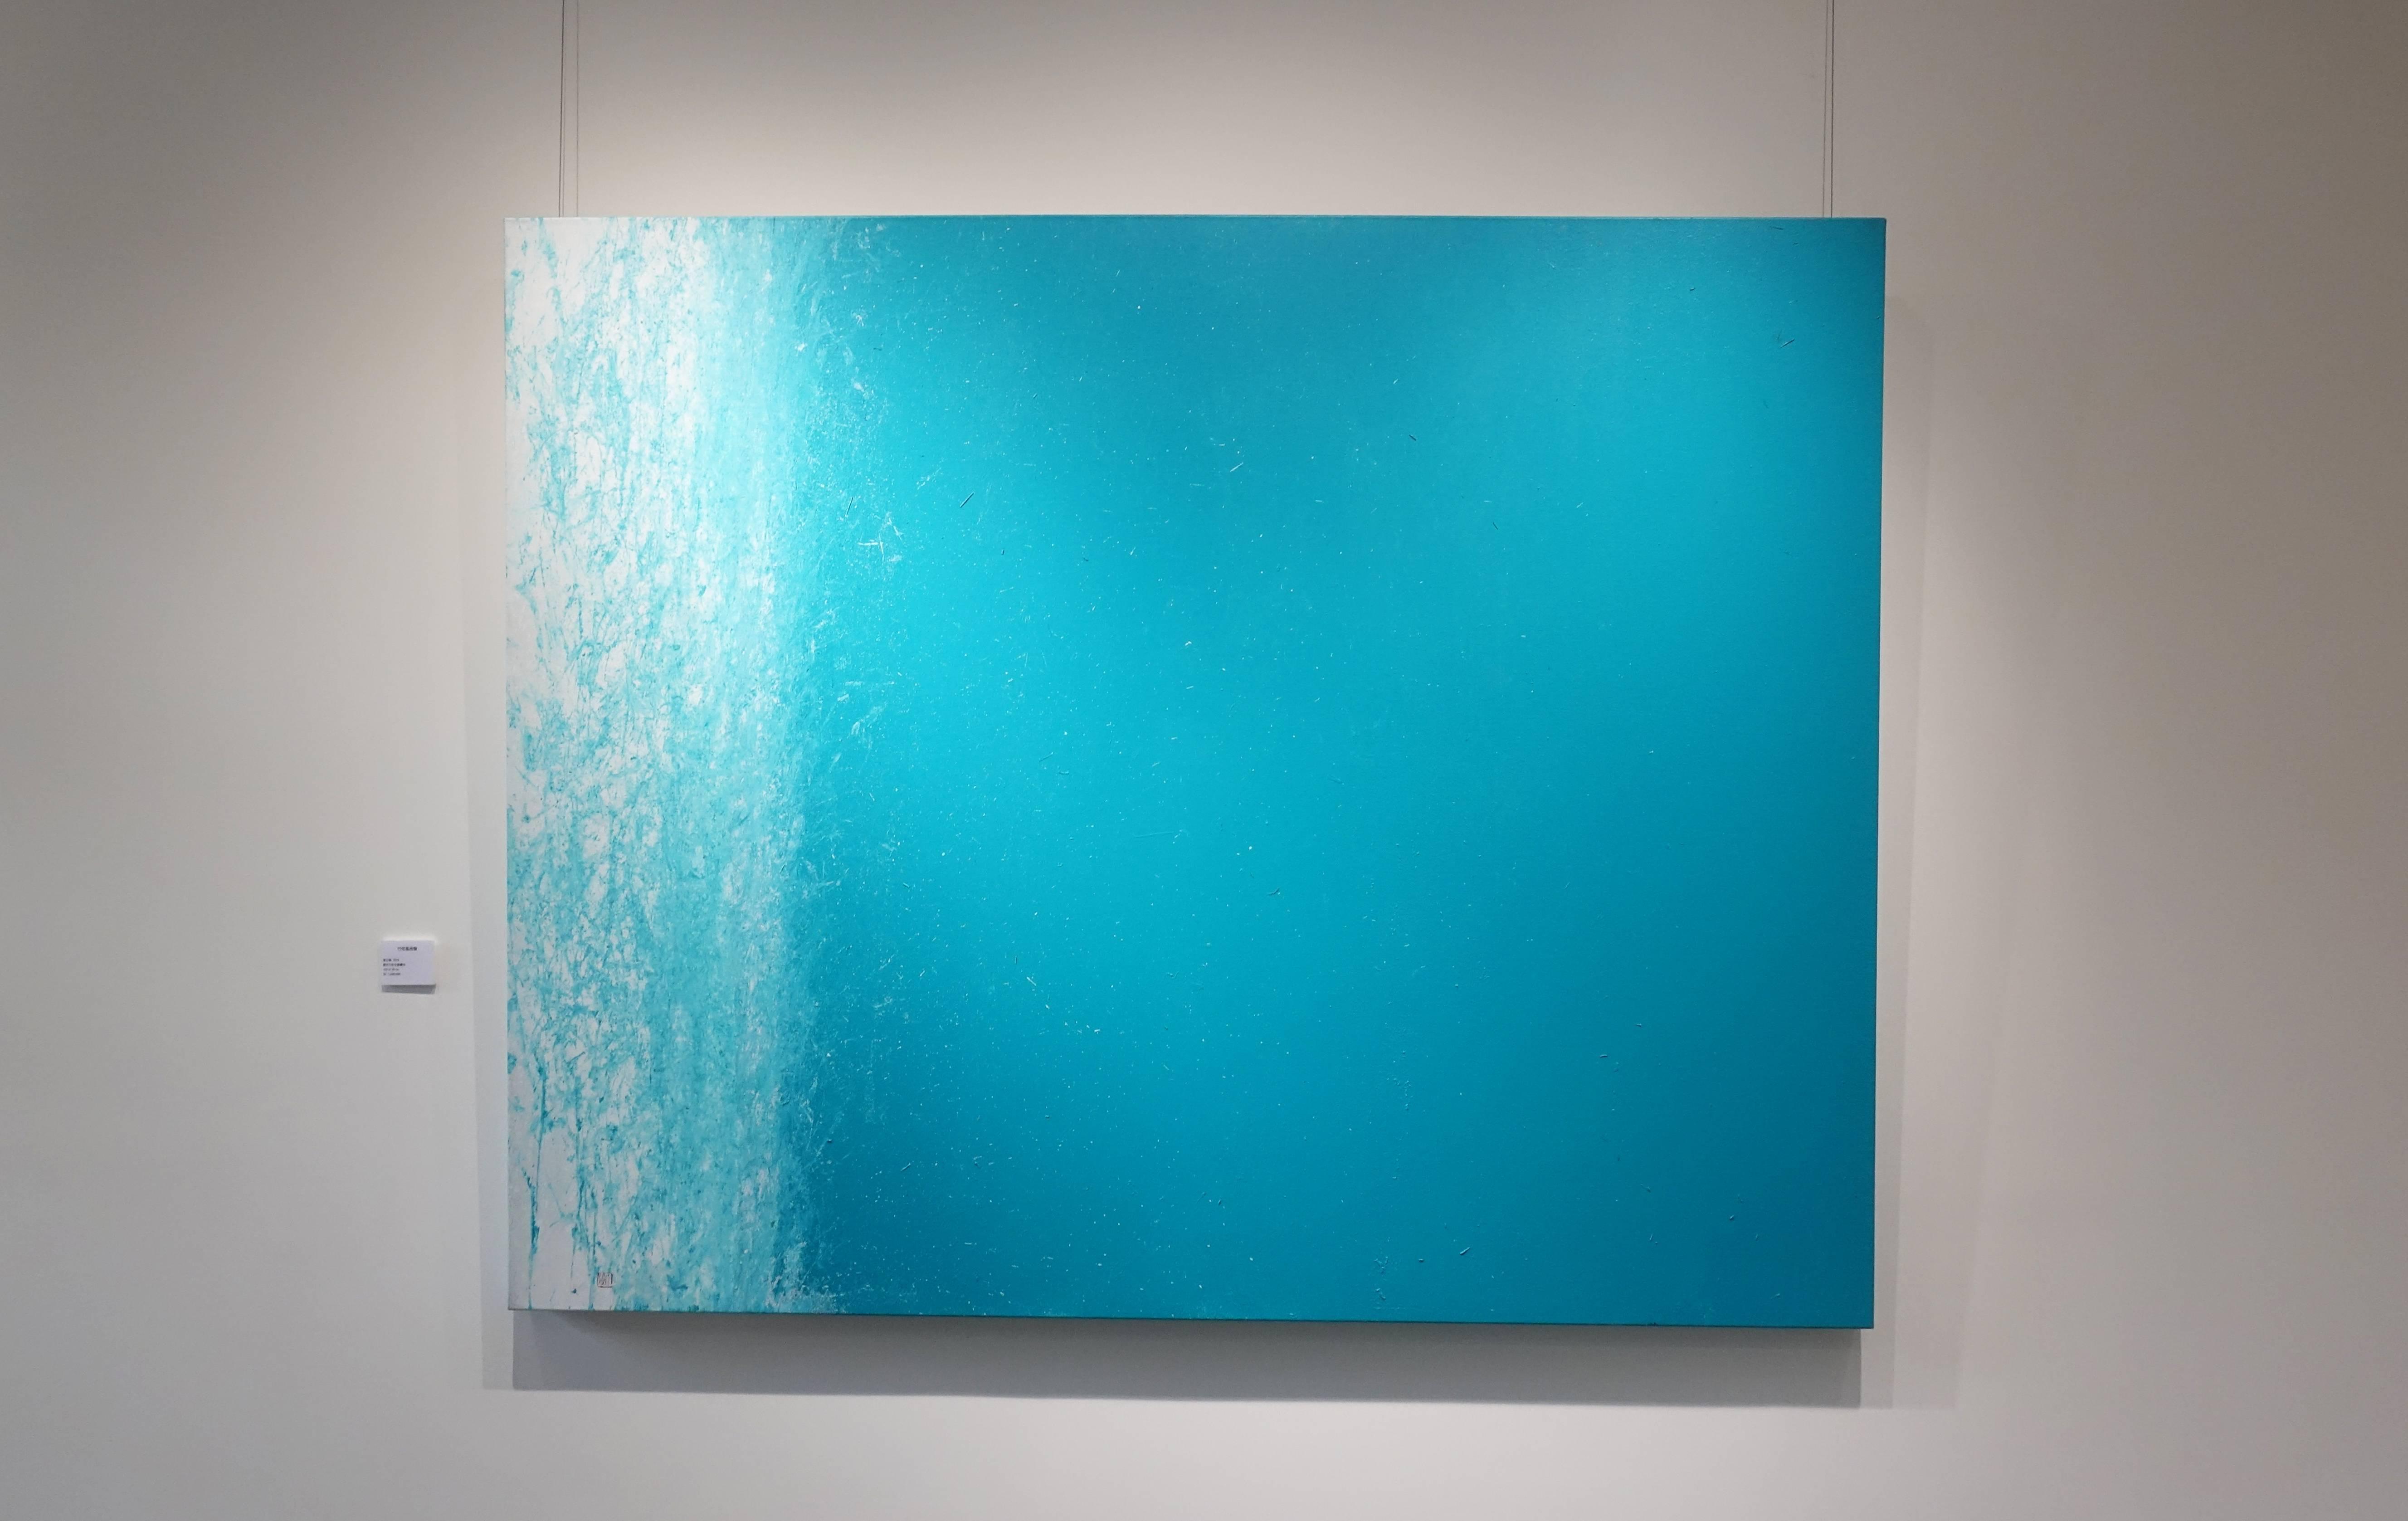 陳正隆,《竹枝風雨聲》,壓克力彩全麻畫布,2018。